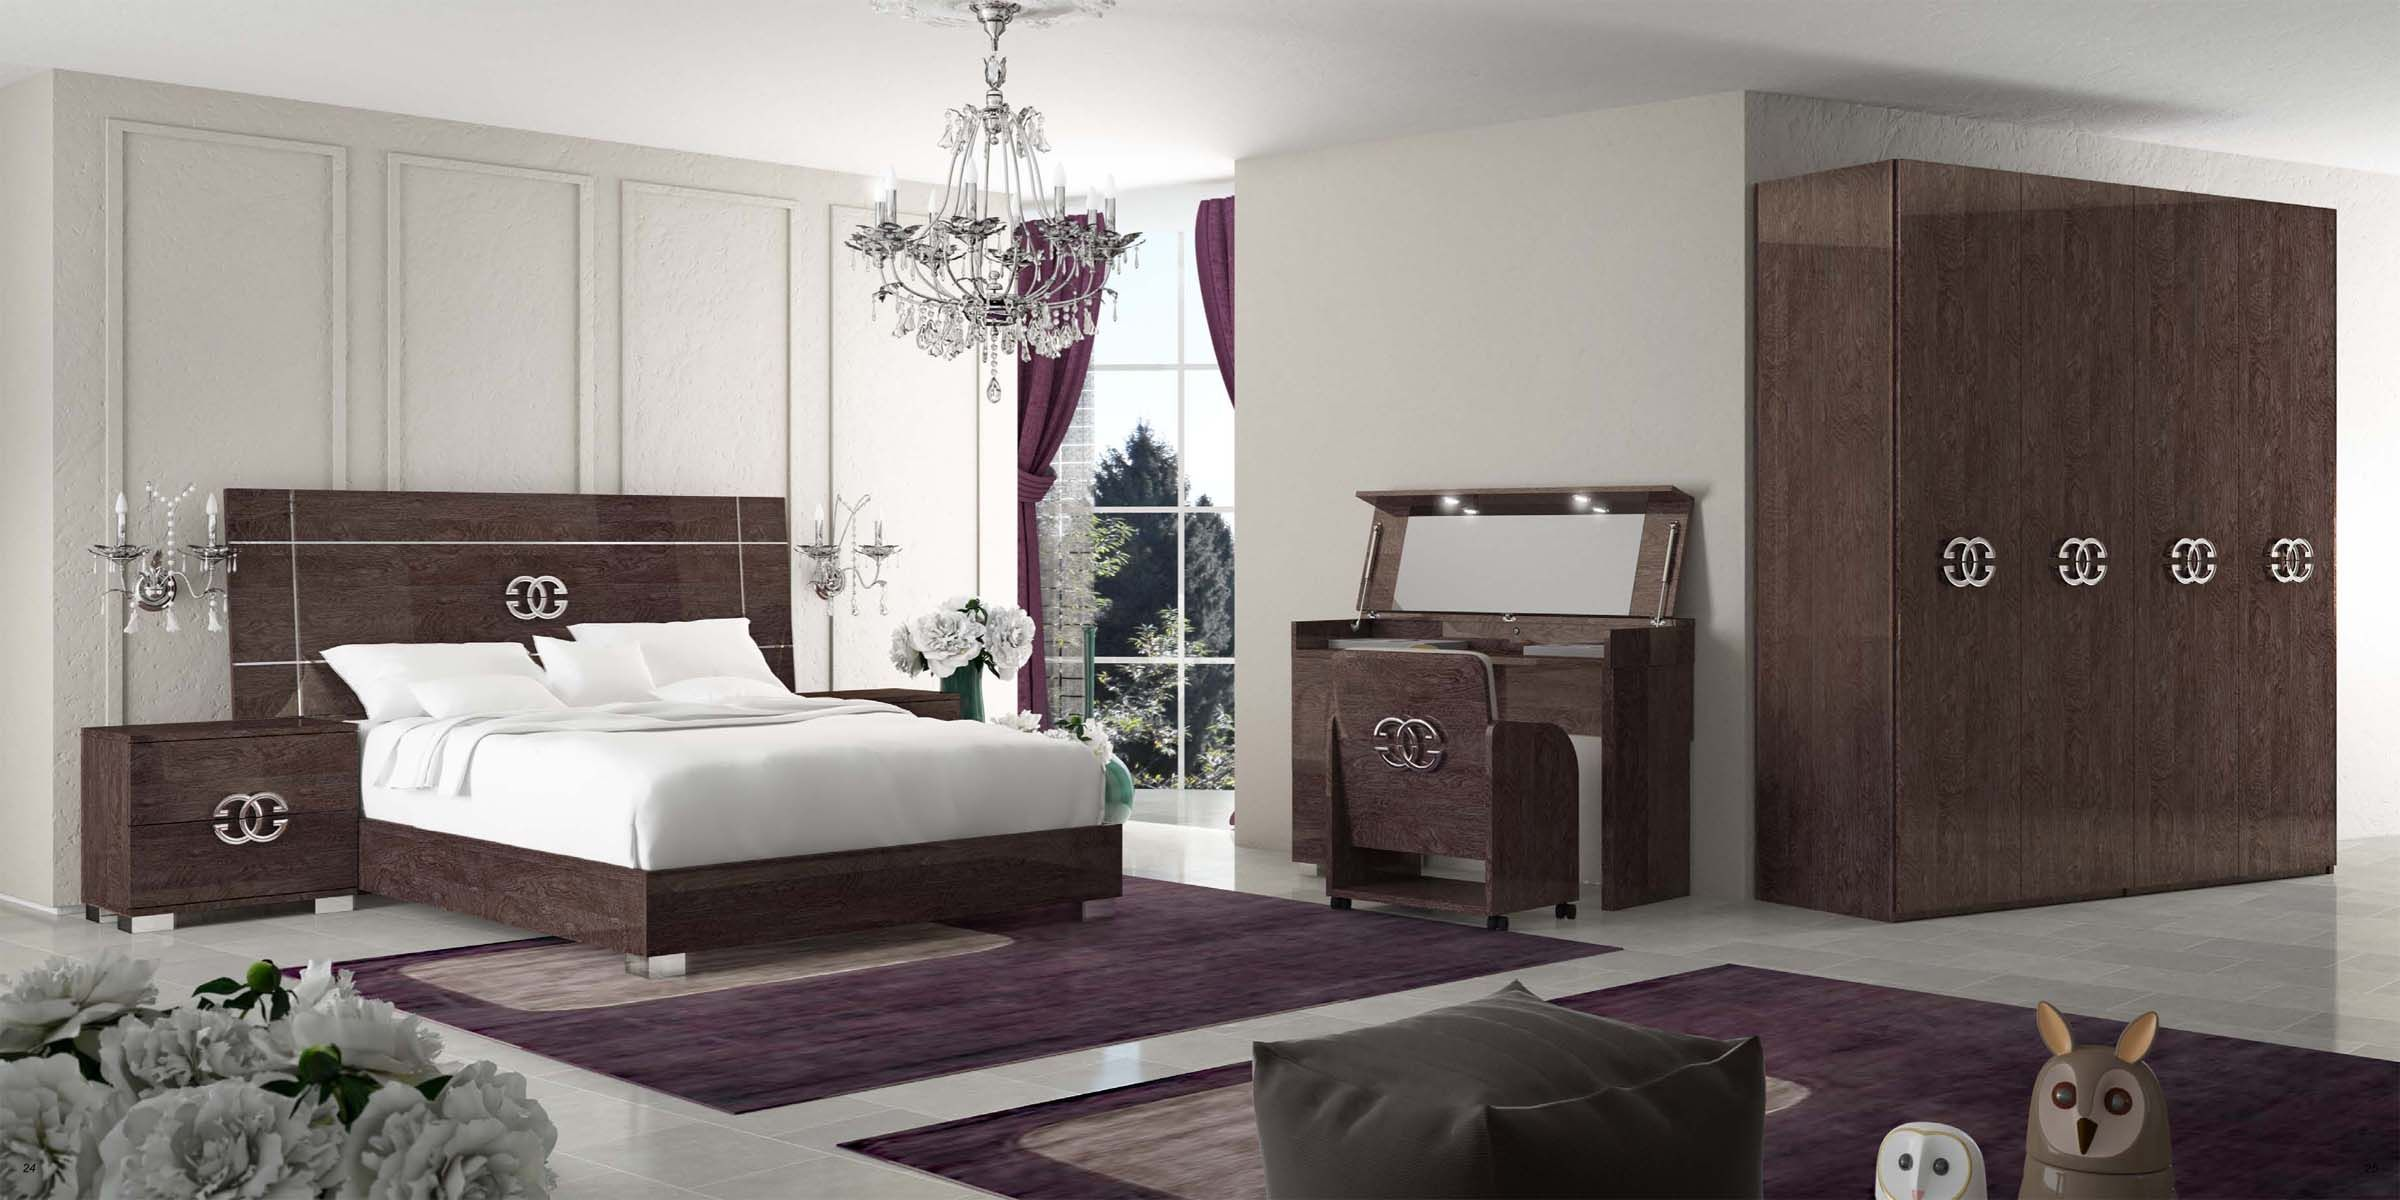 Full Size of Günstige Schlafzimmer Komplett Plattform Sets Billig Moderne Deckenlampe Sofa Vorhänge Landhaus Sessel Massivholz Teppich Bett Regal Schränke Wiemann Schlafzimmer Günstige Schlafzimmer Komplett